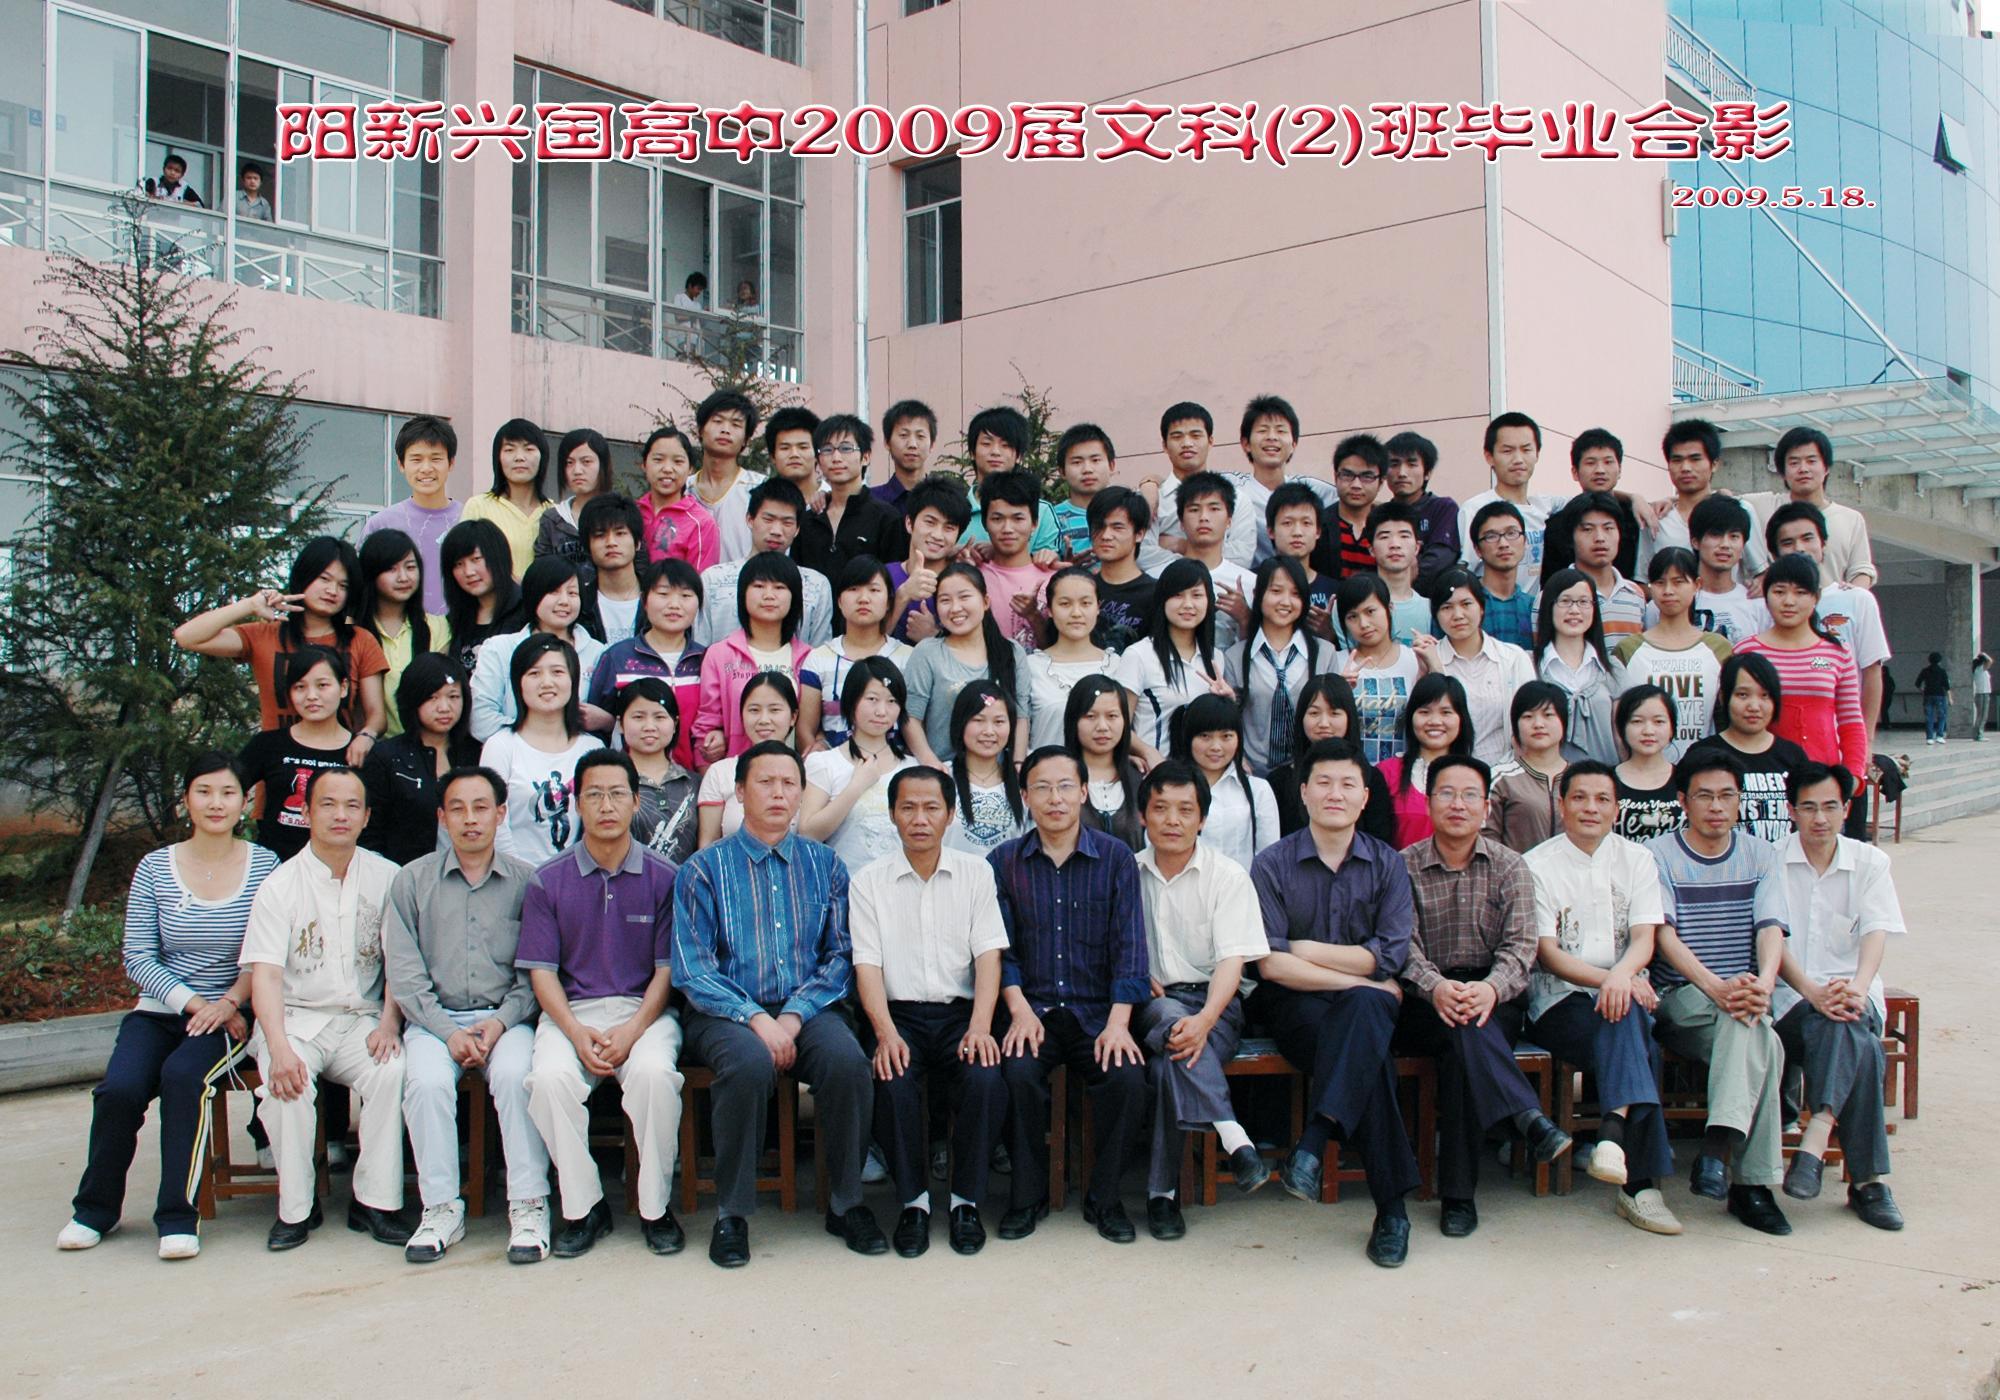 興國高中2009屆同學畢業相冊